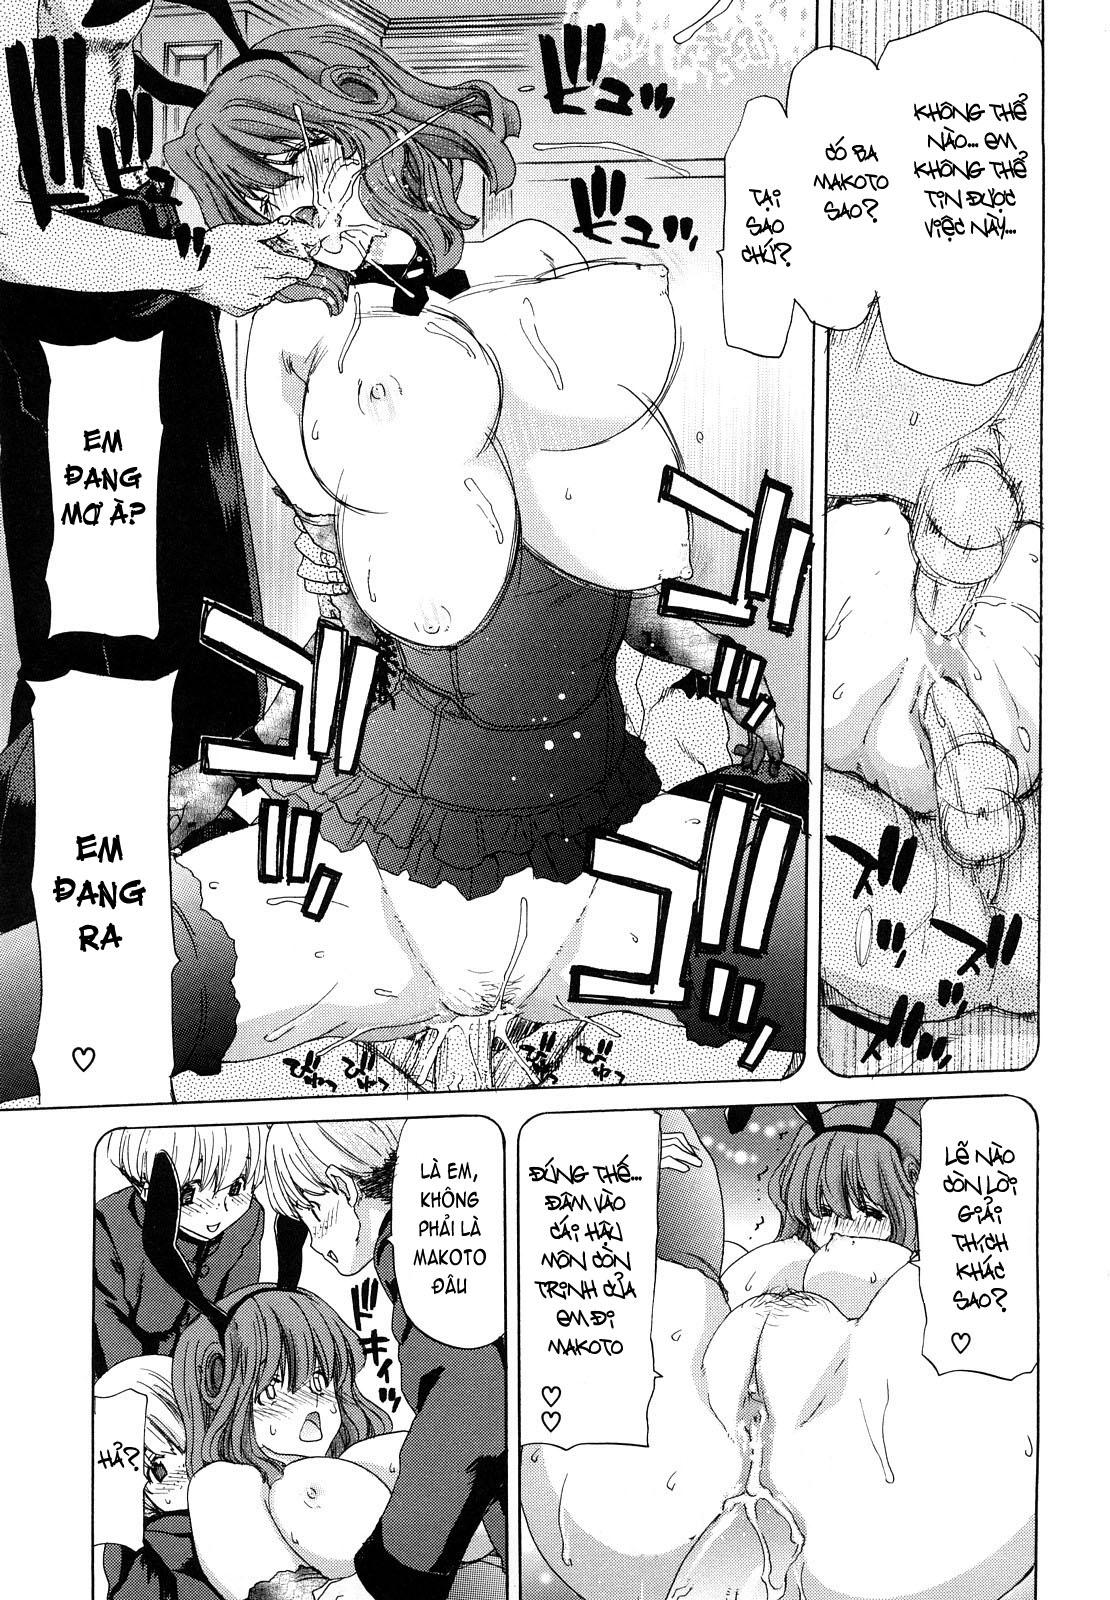 Hình ảnh Hinh_008 trong bài viết Bú Cặc trong phòng thay đồ Full màu không che